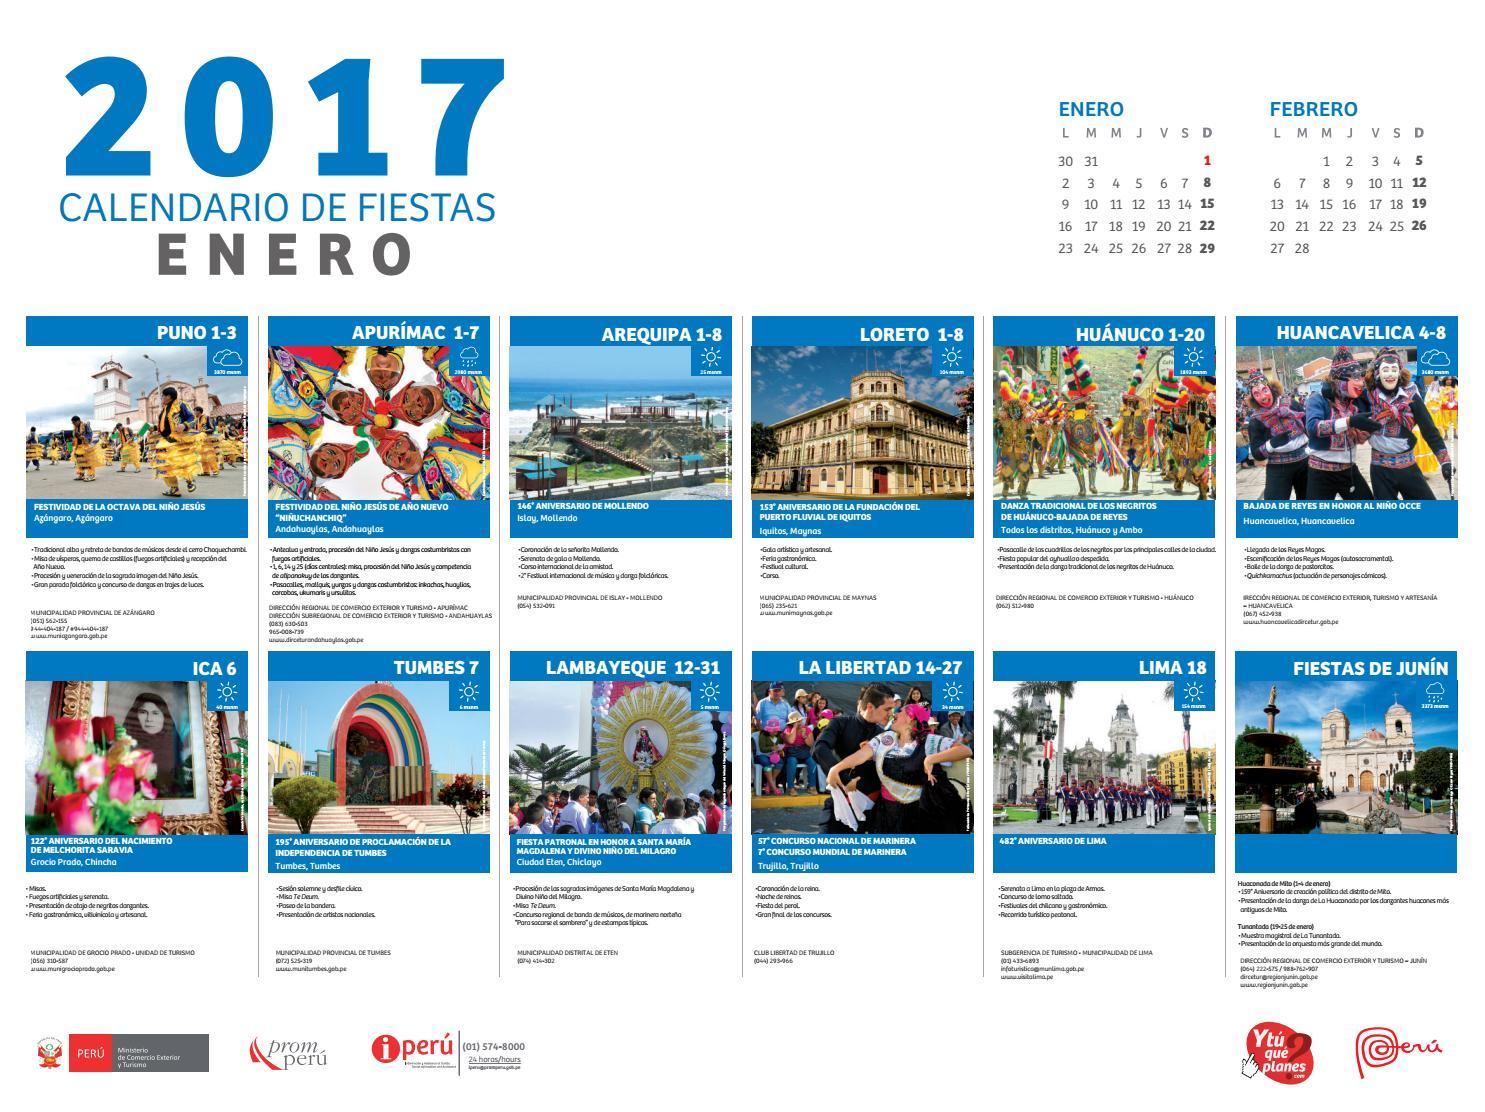 Calendario de fiestas per enero 2017 by visit peru issuu - Mes de enero 2017 ...